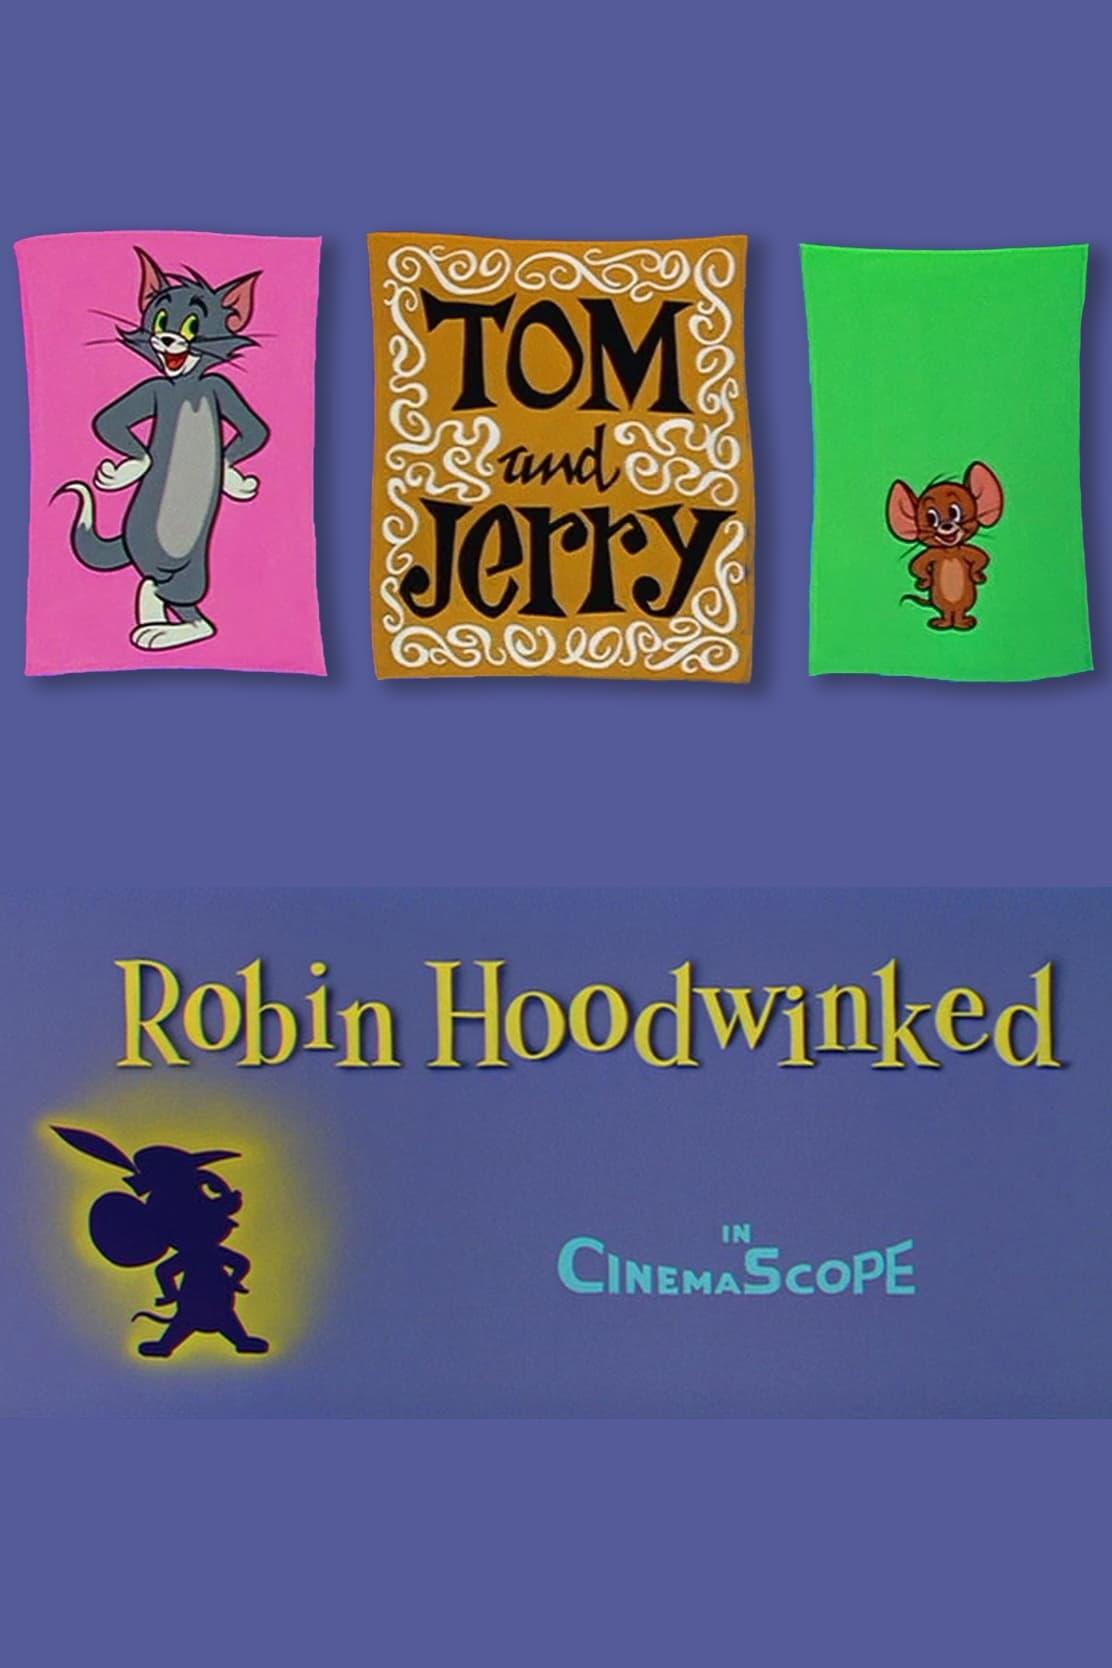 Robin Hoodwinked (1958)